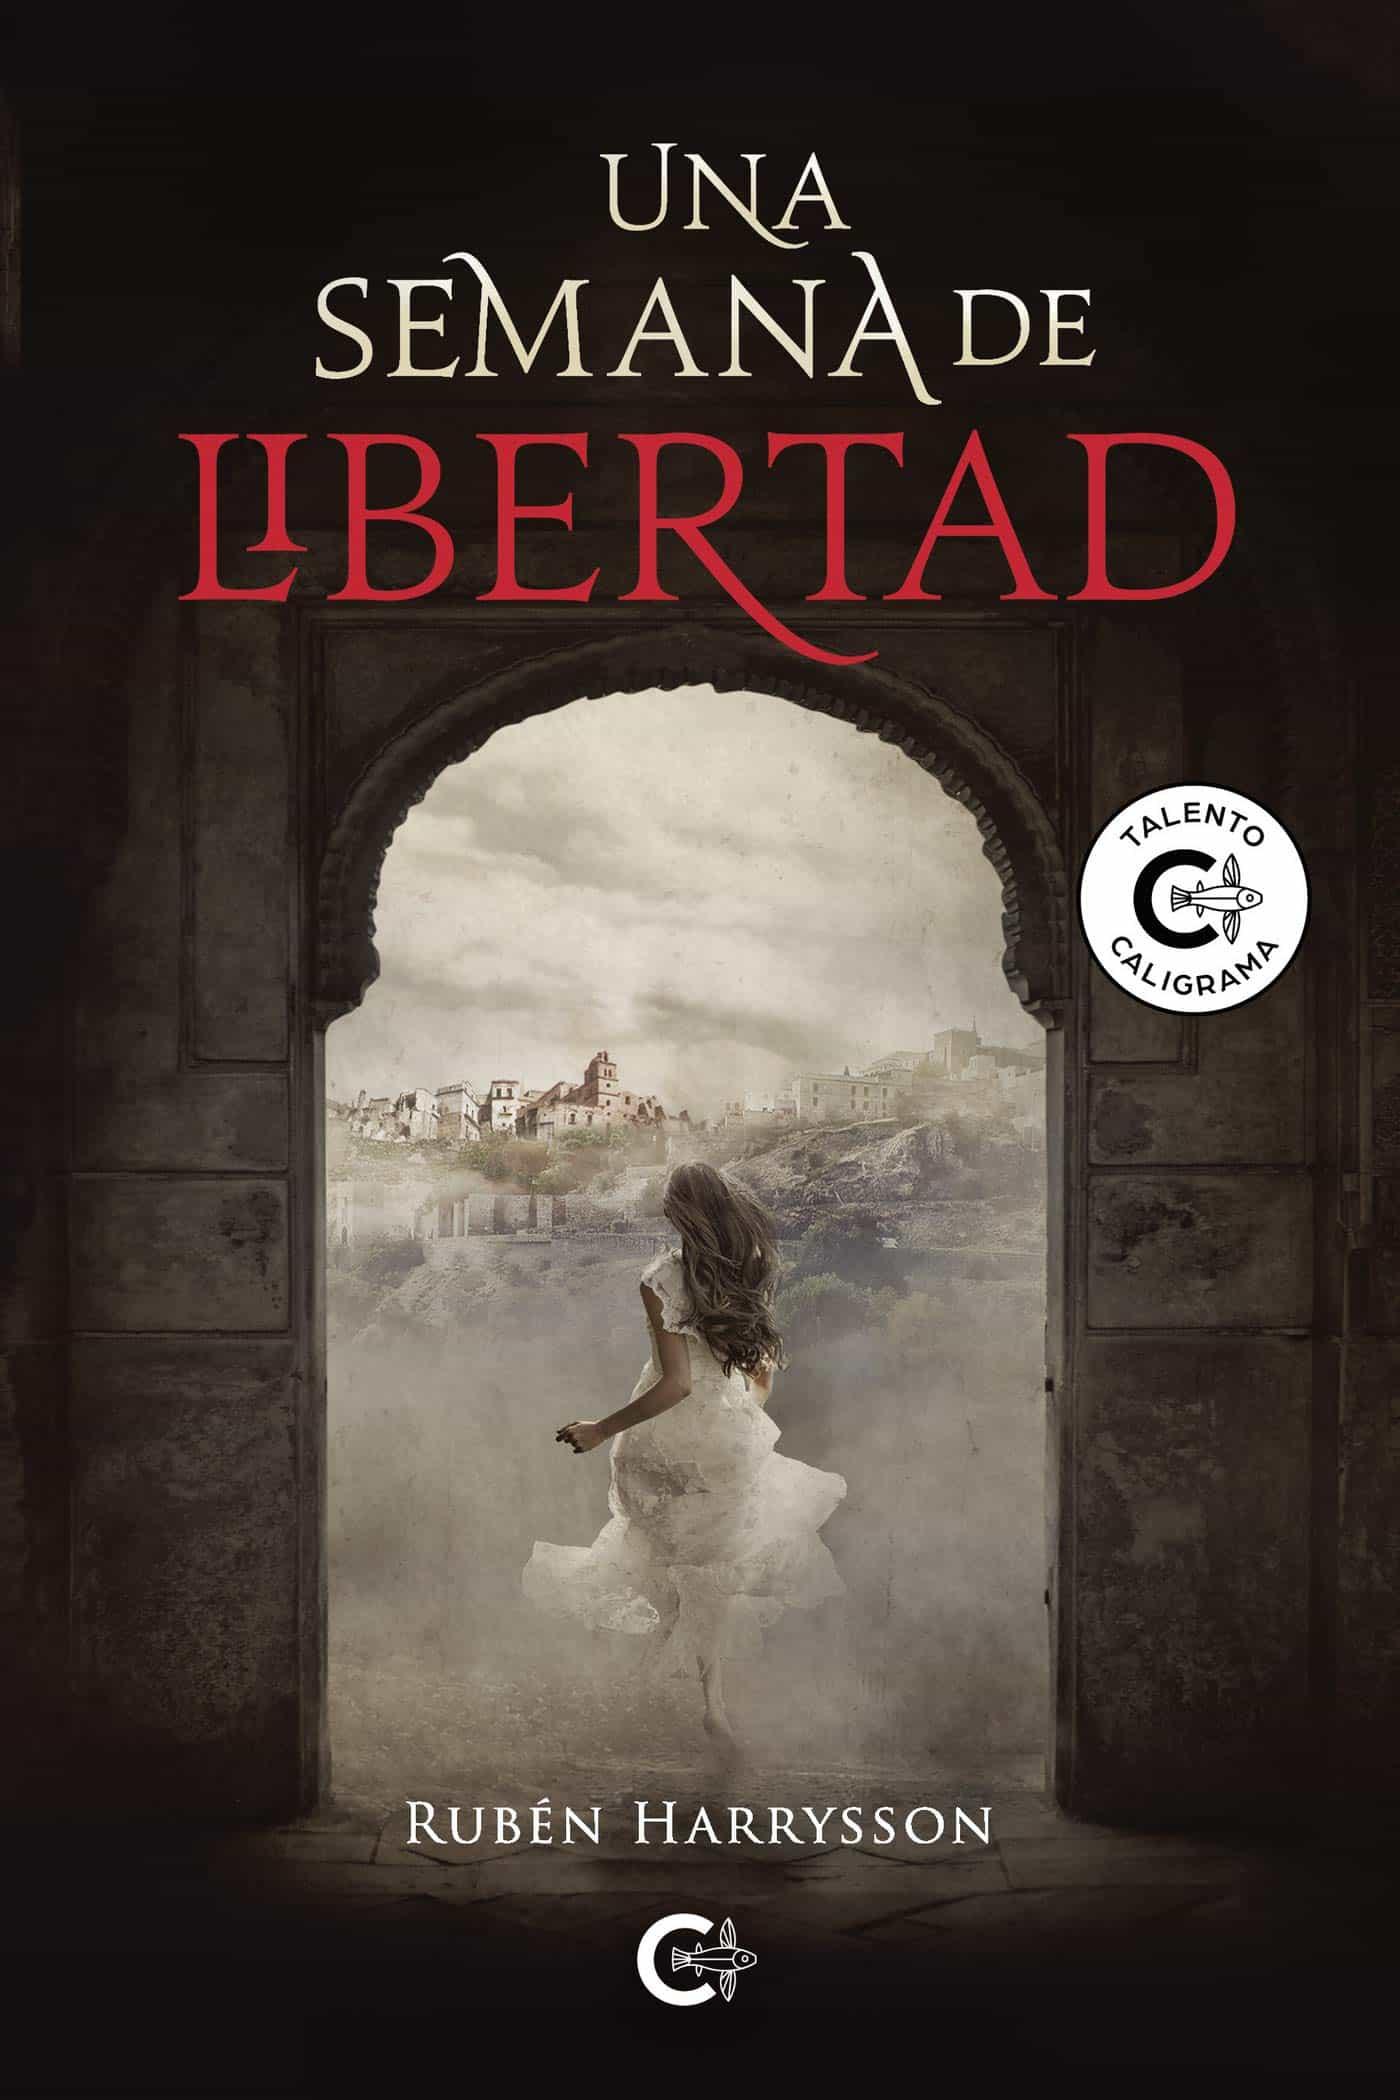 Una semana de libertad, de Rubén Harrysson